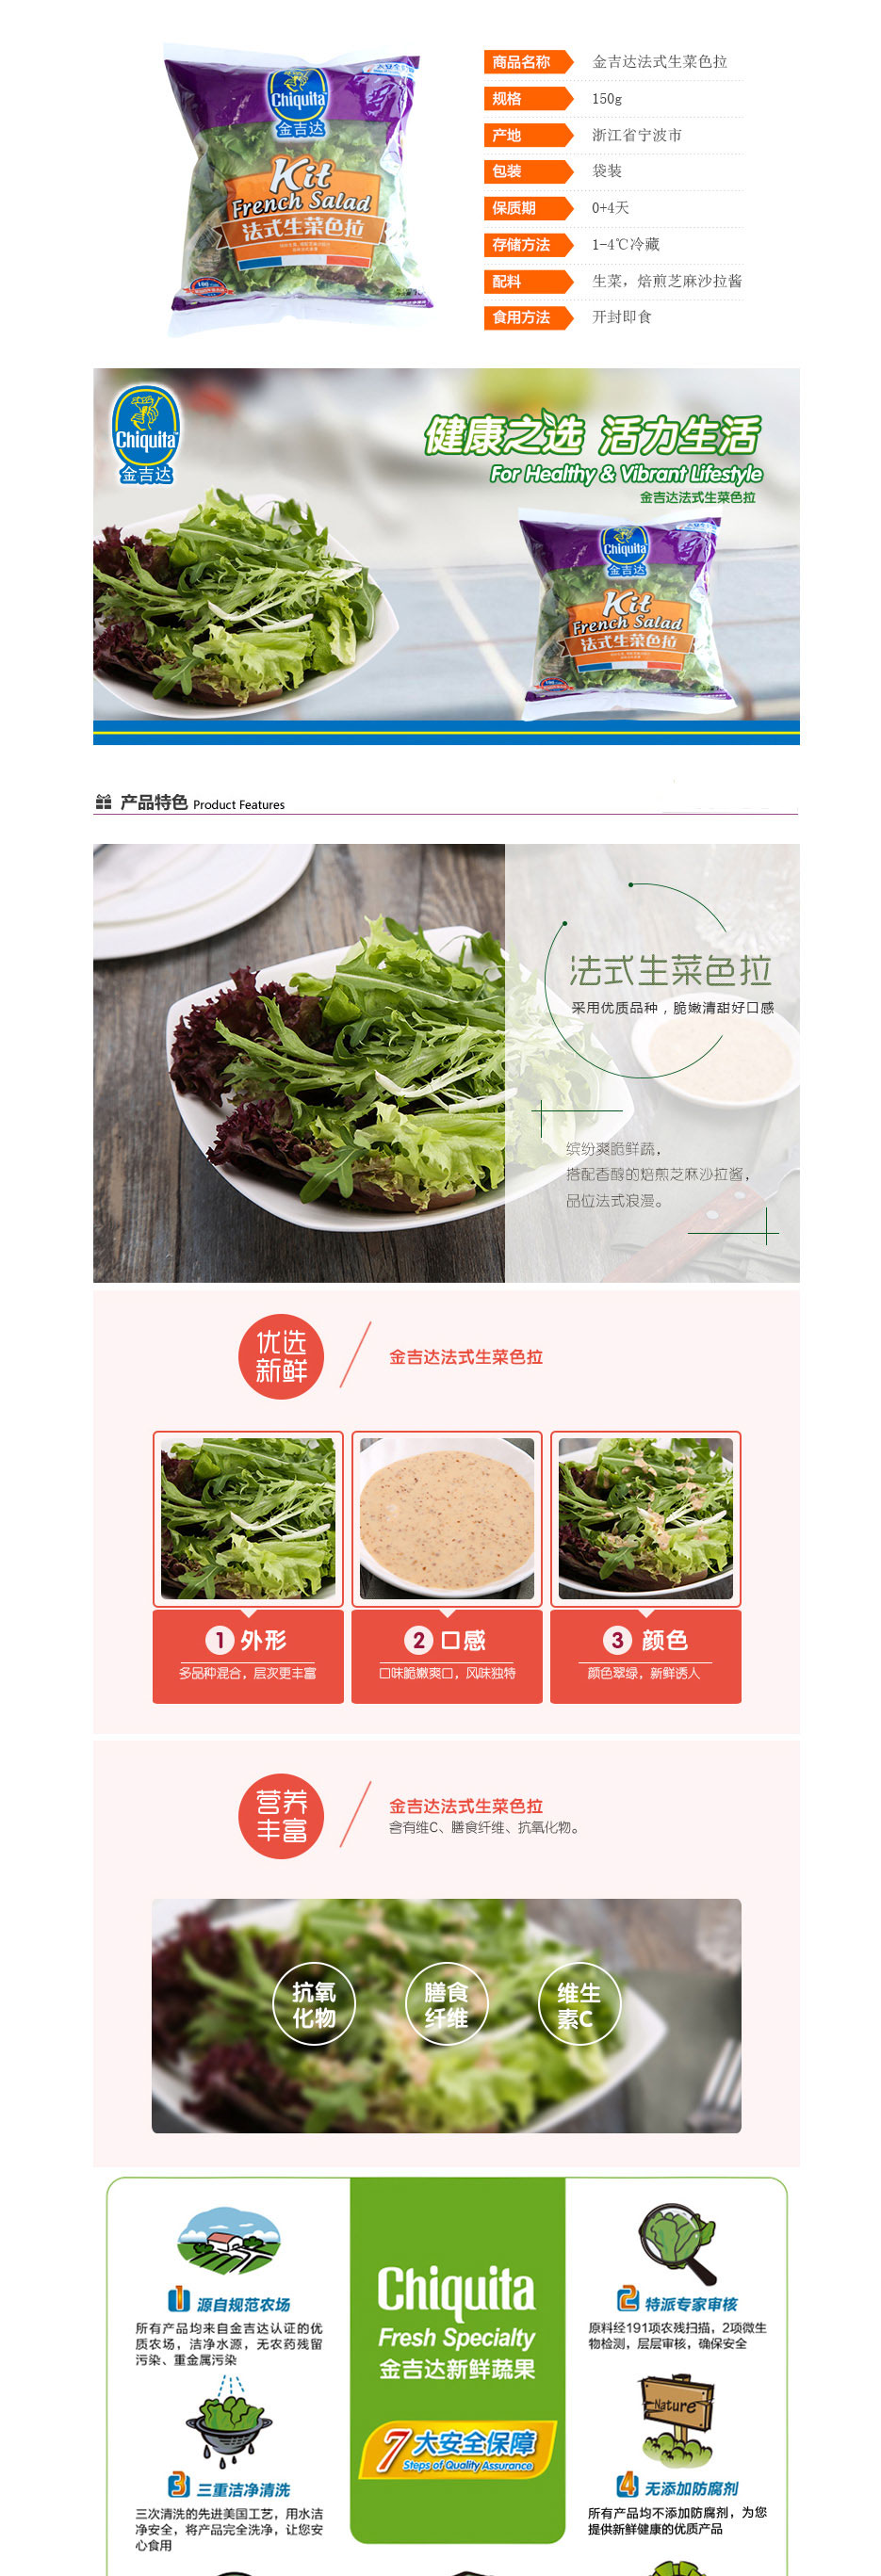 金吉达法式生菜色拉150g/袋(内含焙煎芝麻沙拉酱)图片